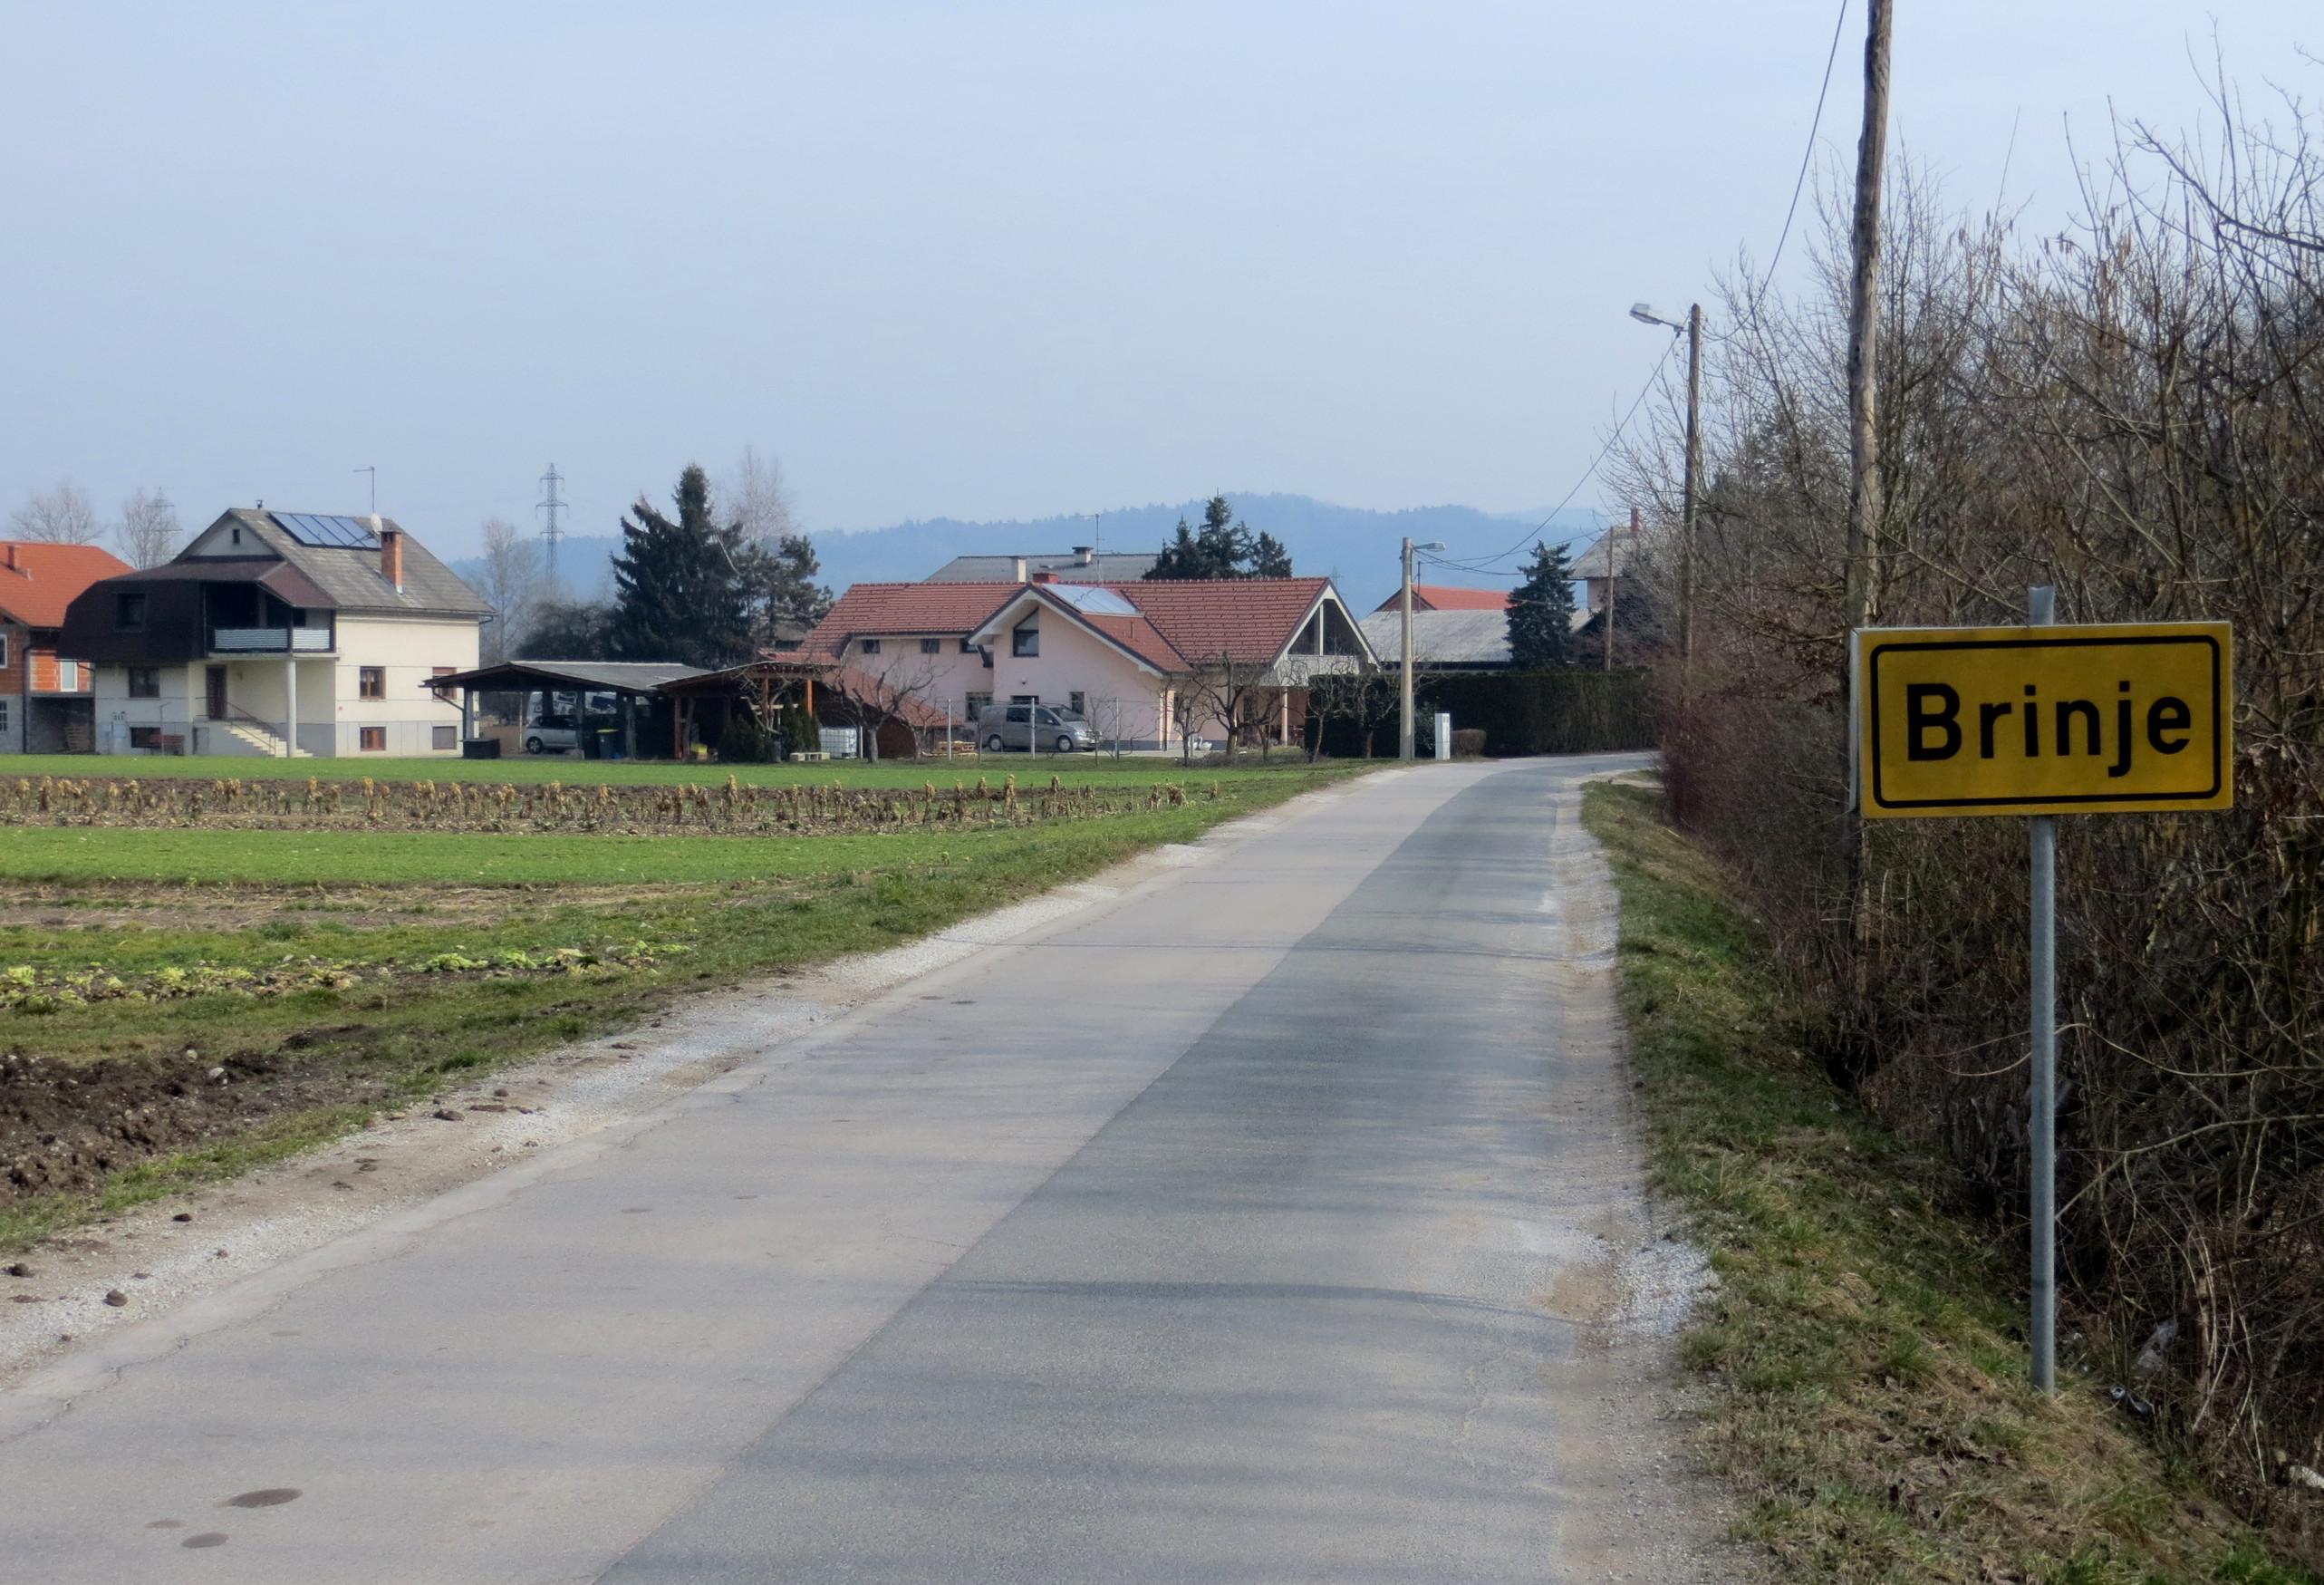 Brinje (Dol pri Ljubljani)